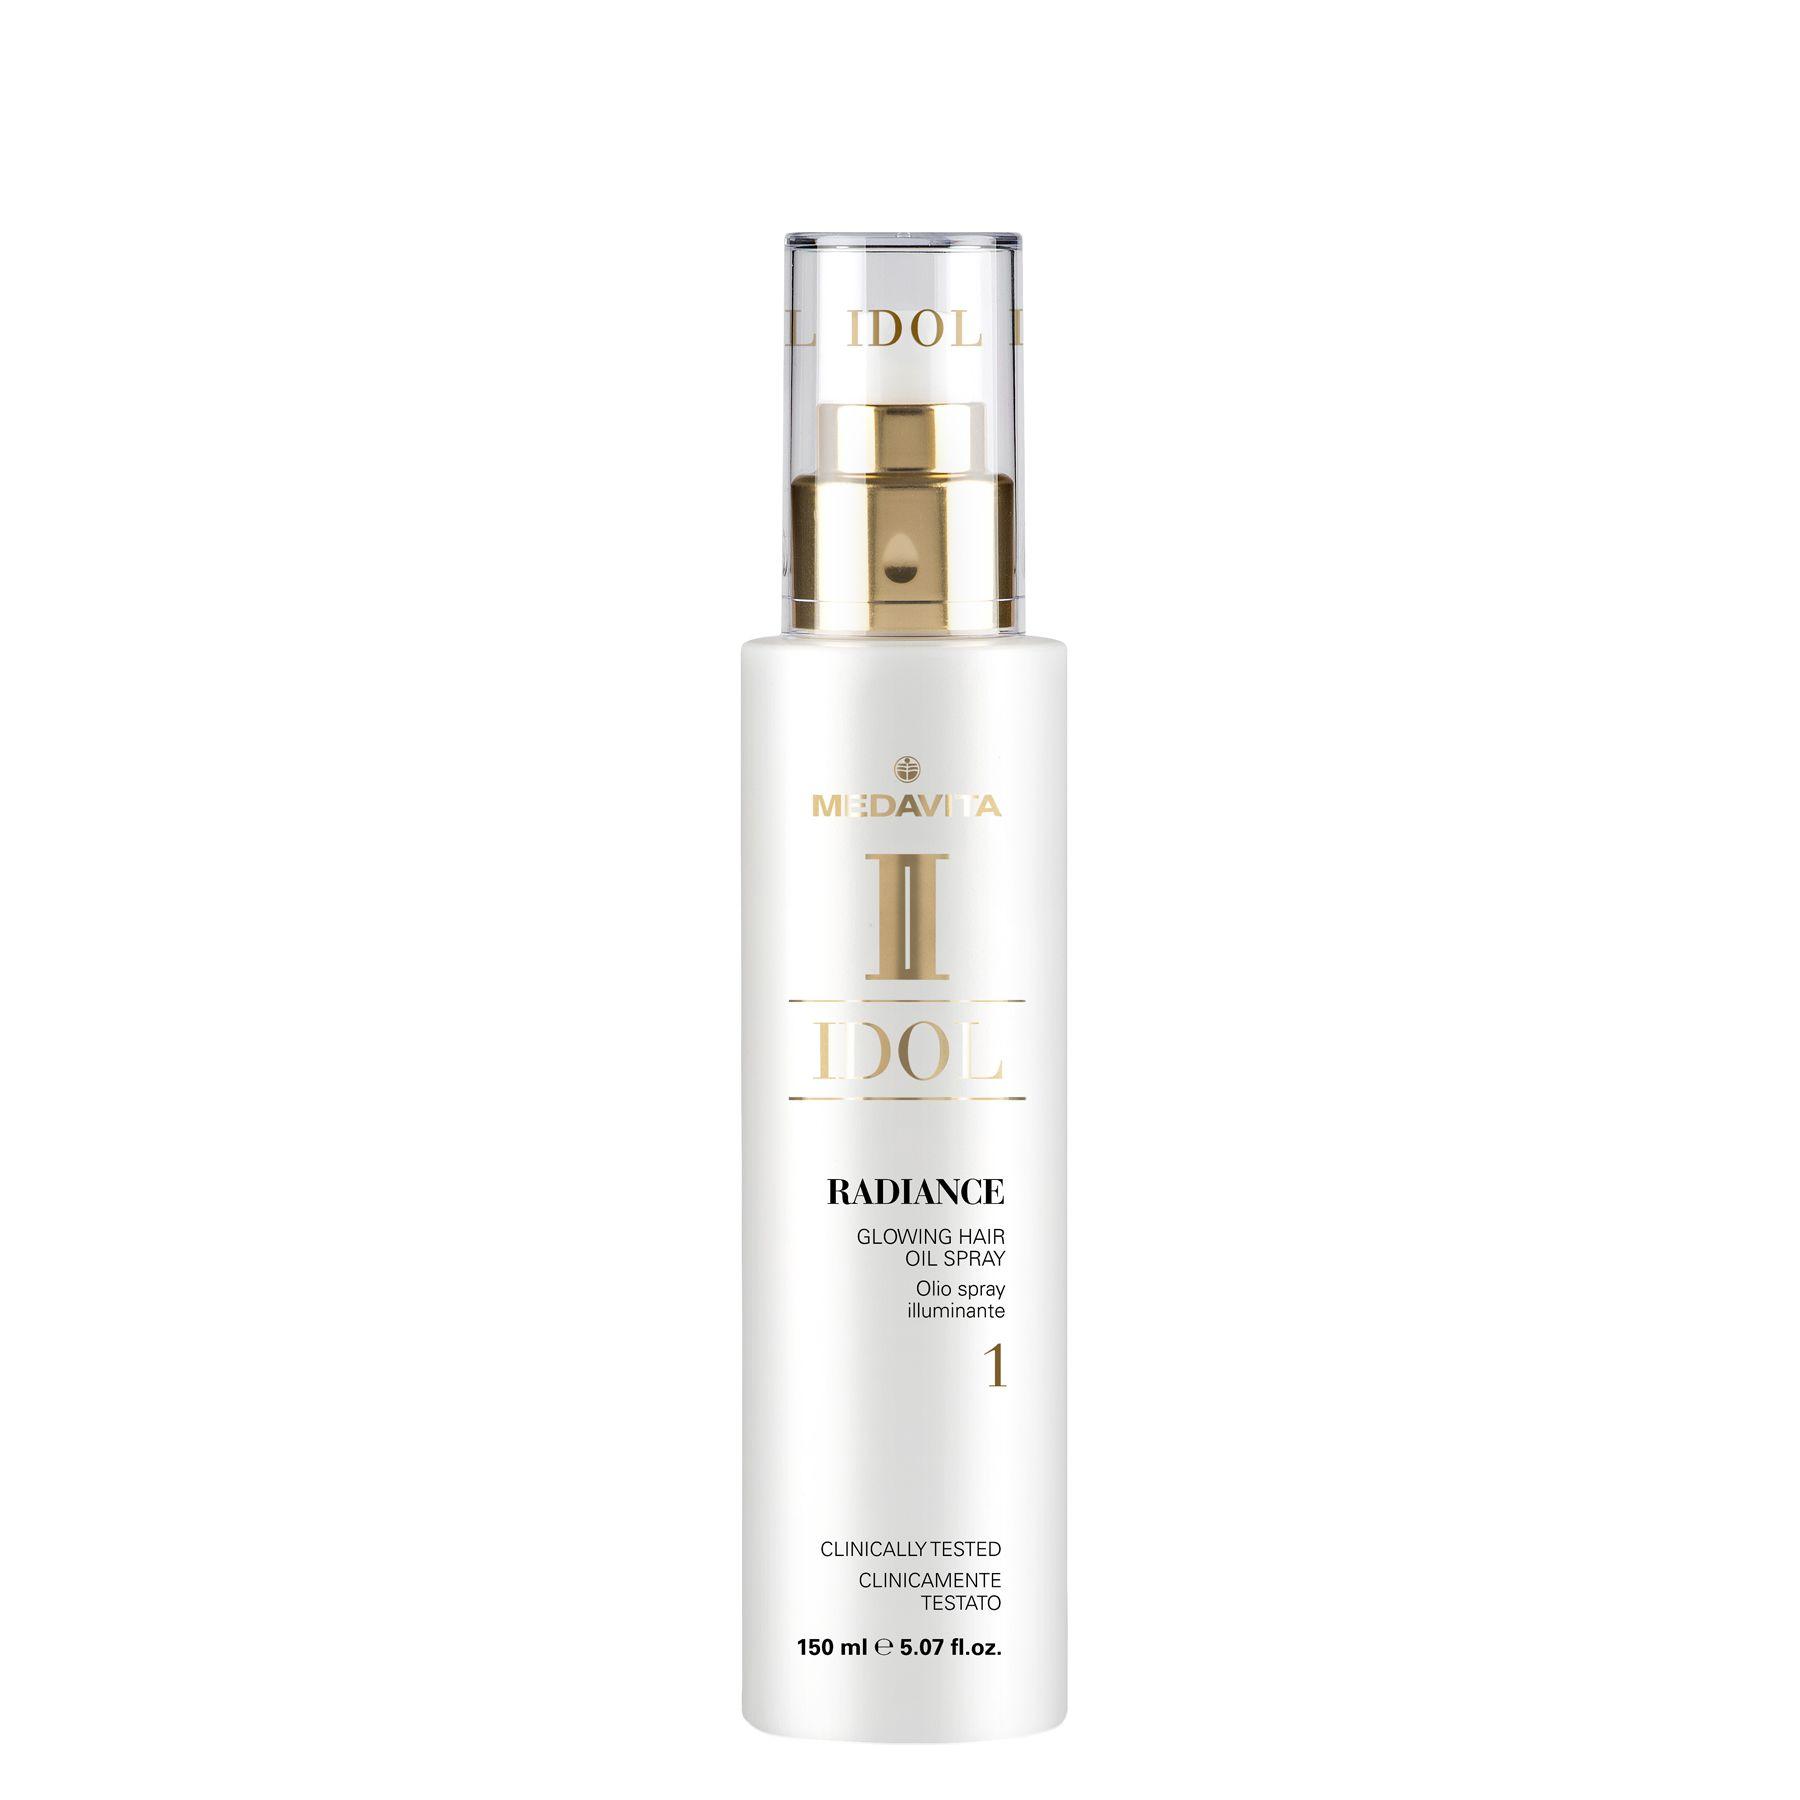 Radiance - Olio spray illuminante 150ml